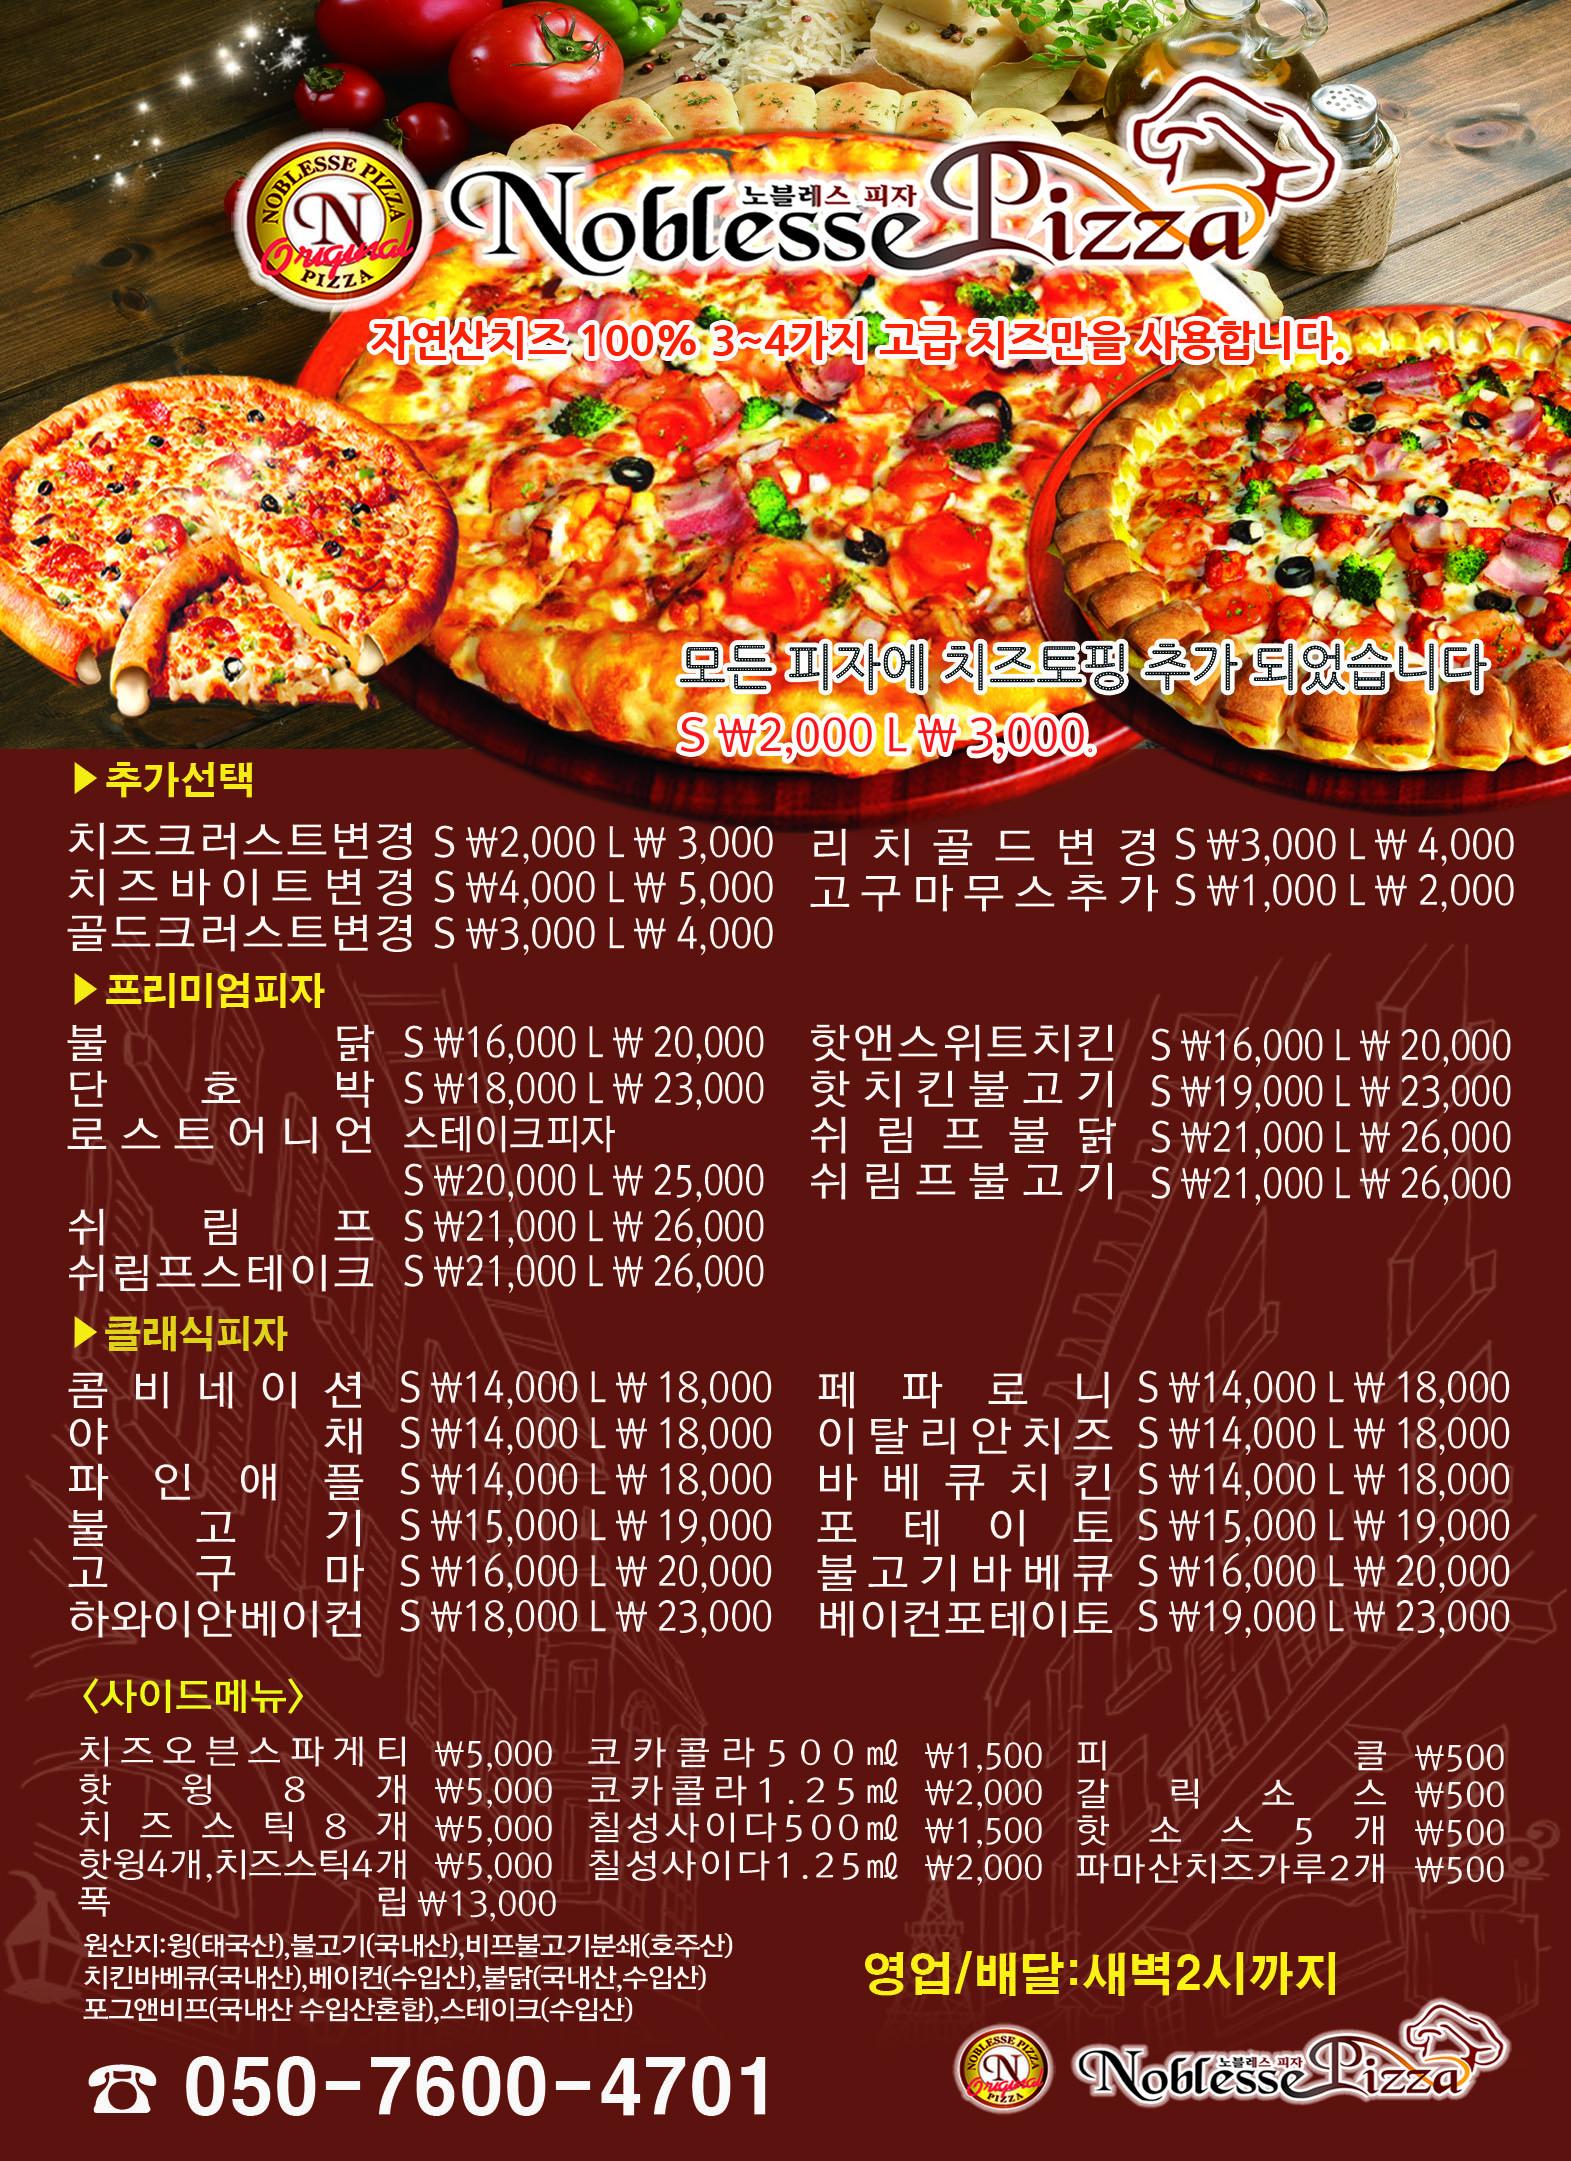 노블레스 피자